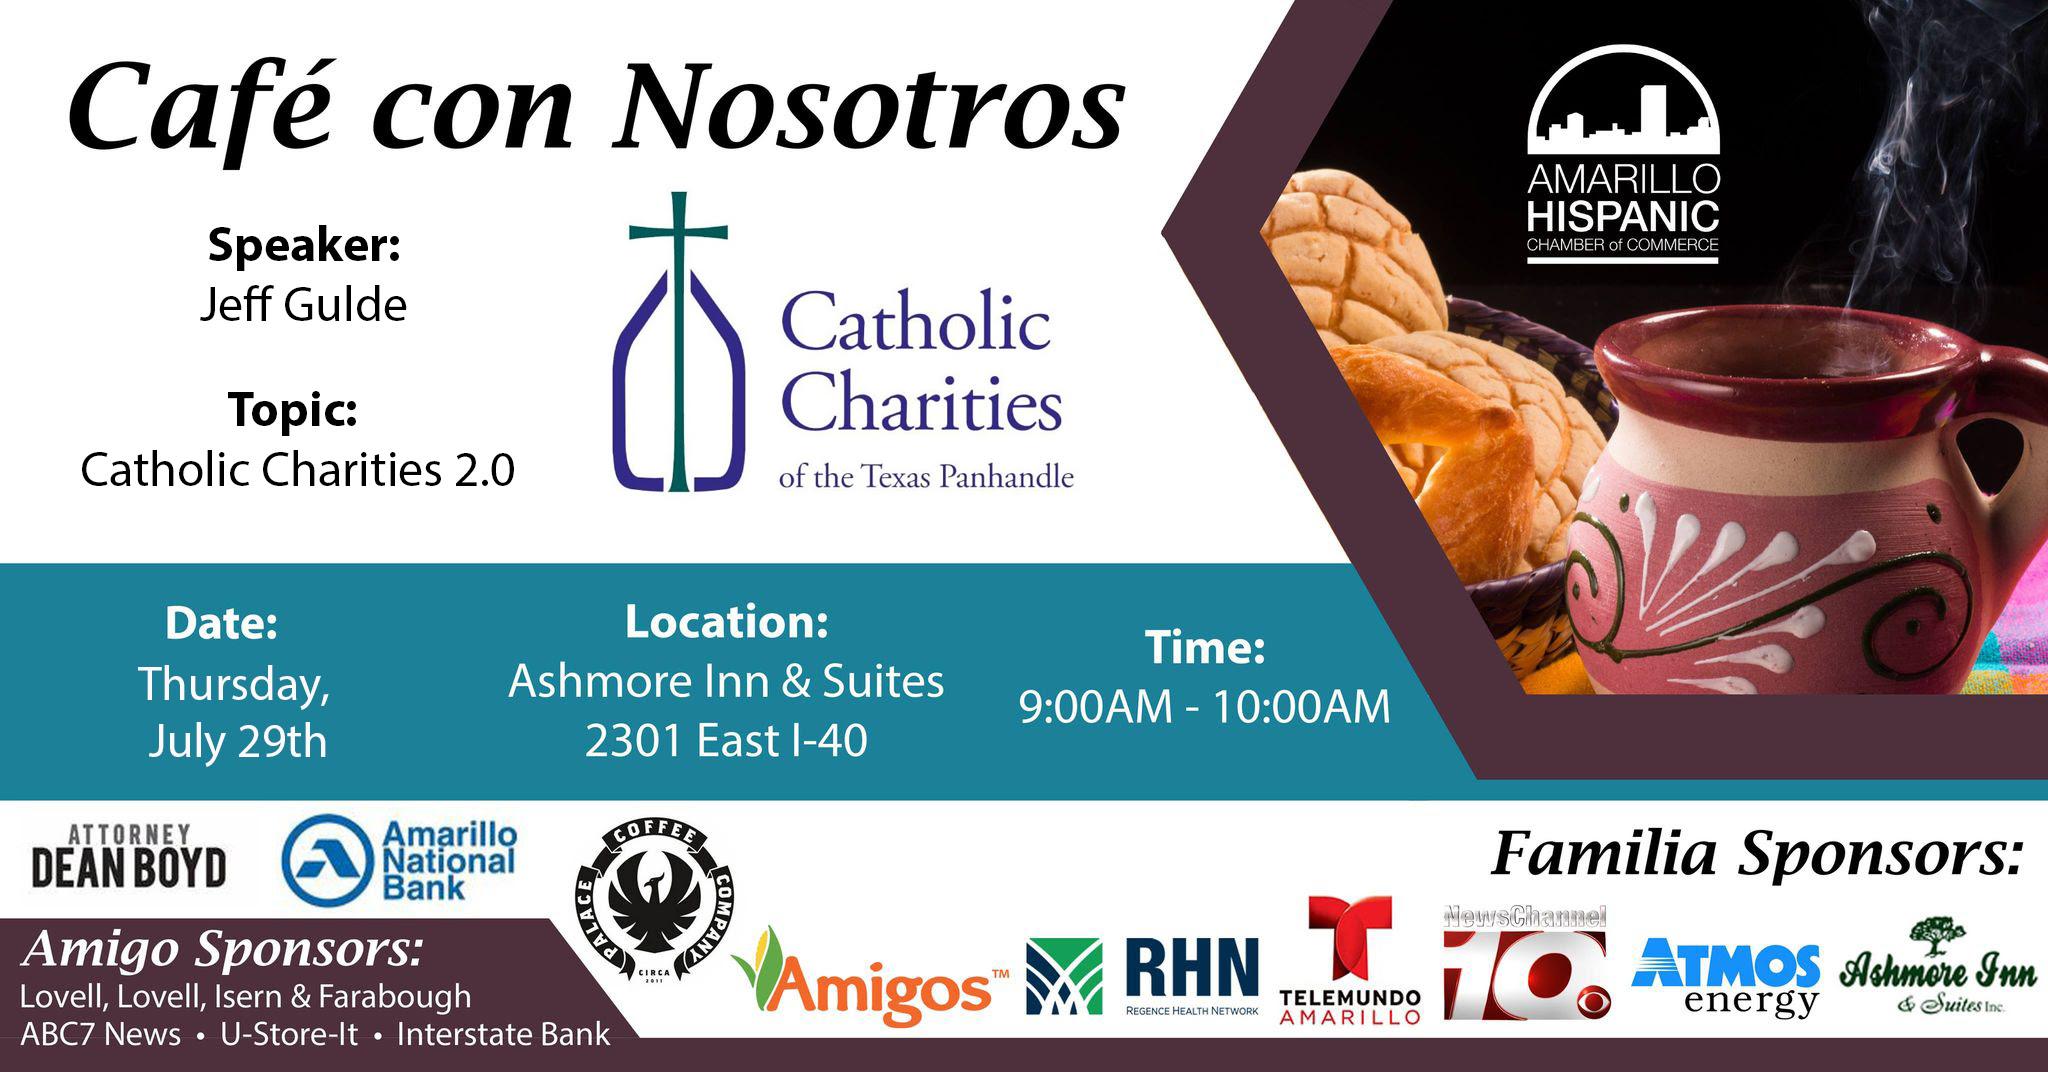 Cafe Con Nosotros @ Ashmore Inn & Suites